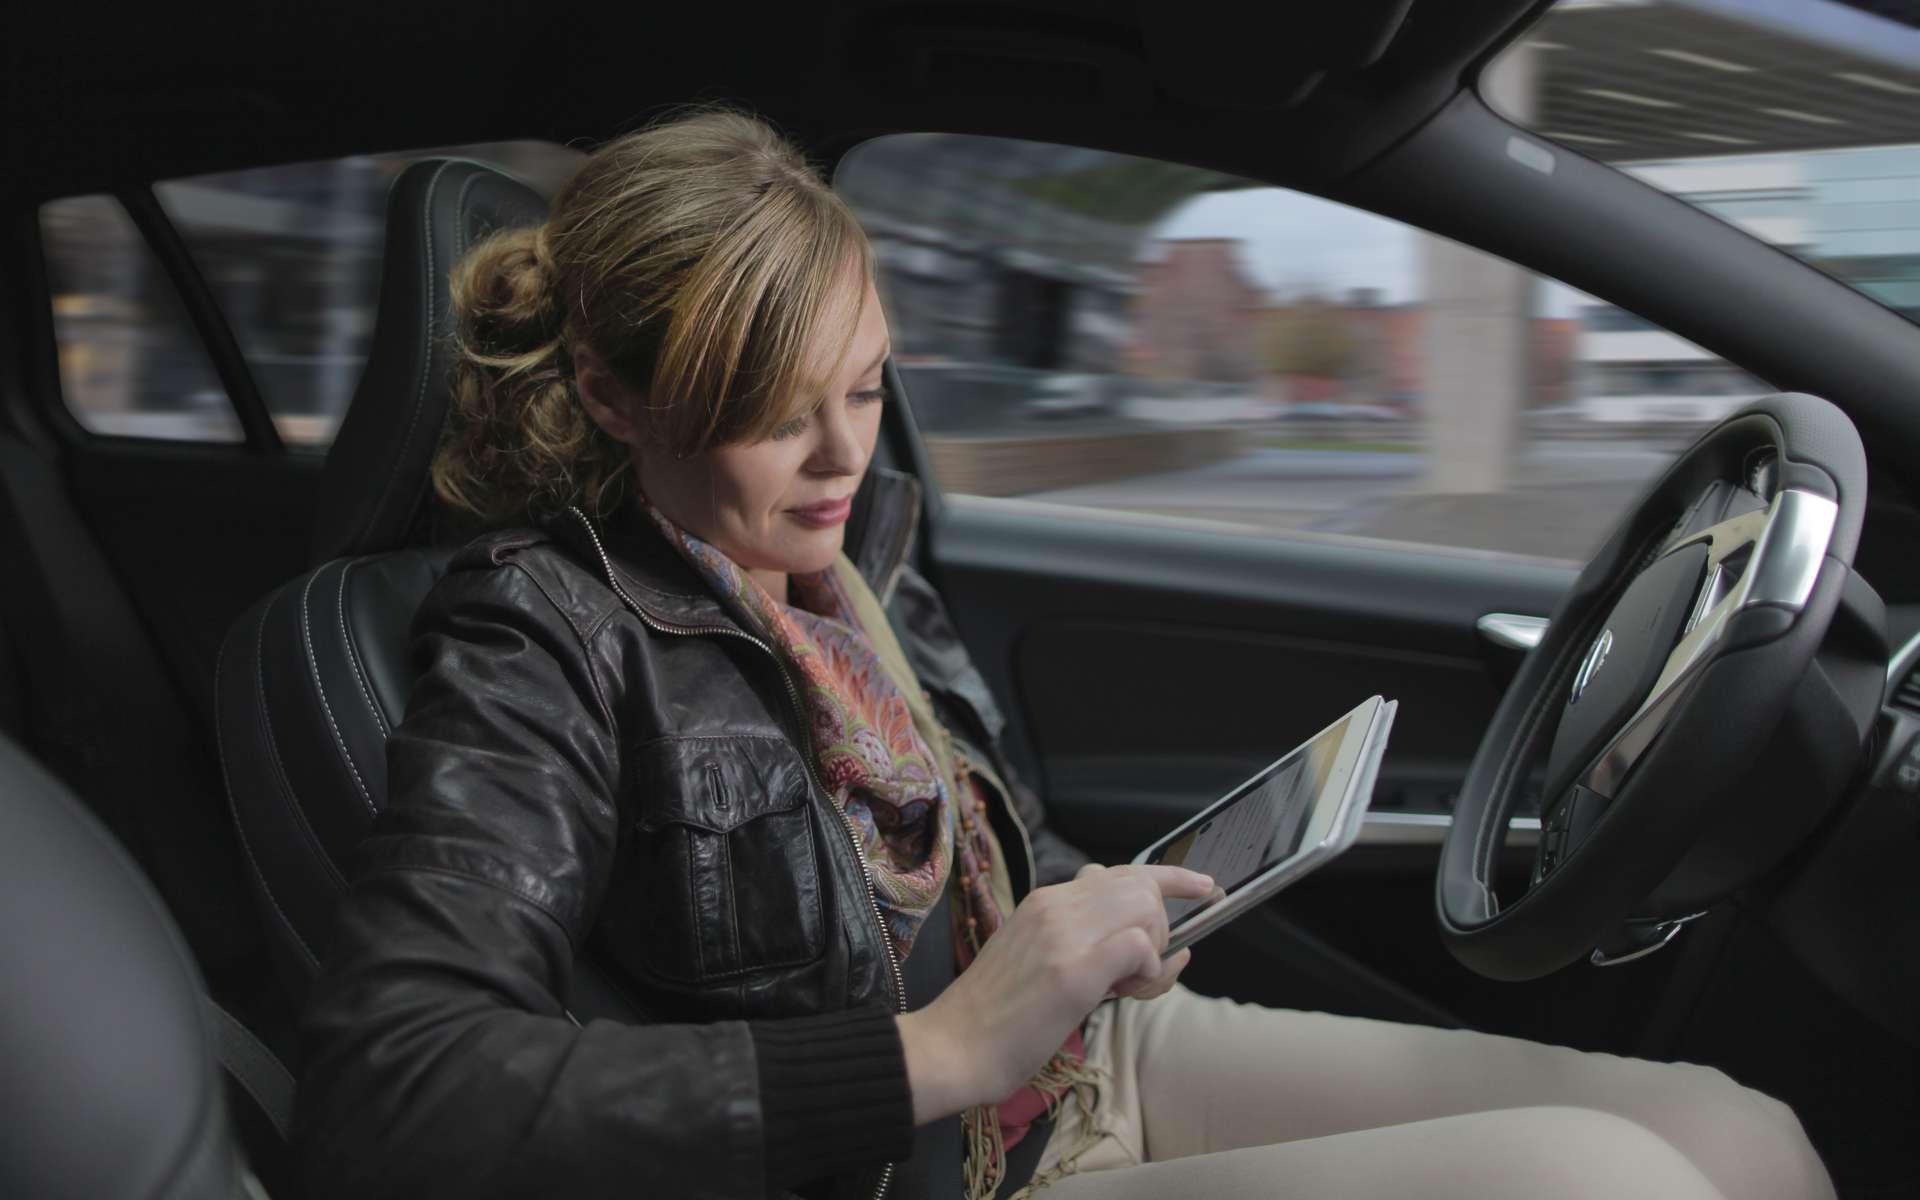 Le projet Drive Me de Volvo commencera l'année prochaine et s'étendra jusqu'en 2020. À partir de 2017, une centaine de voitures autonomes seront mises en circulation dans un périmètre de 50 km autour de la ville de Göteborg, en Suède. Volvo pense pouvoir commercialiser ce type de voiture entre 2018 et 2020. © Volvo